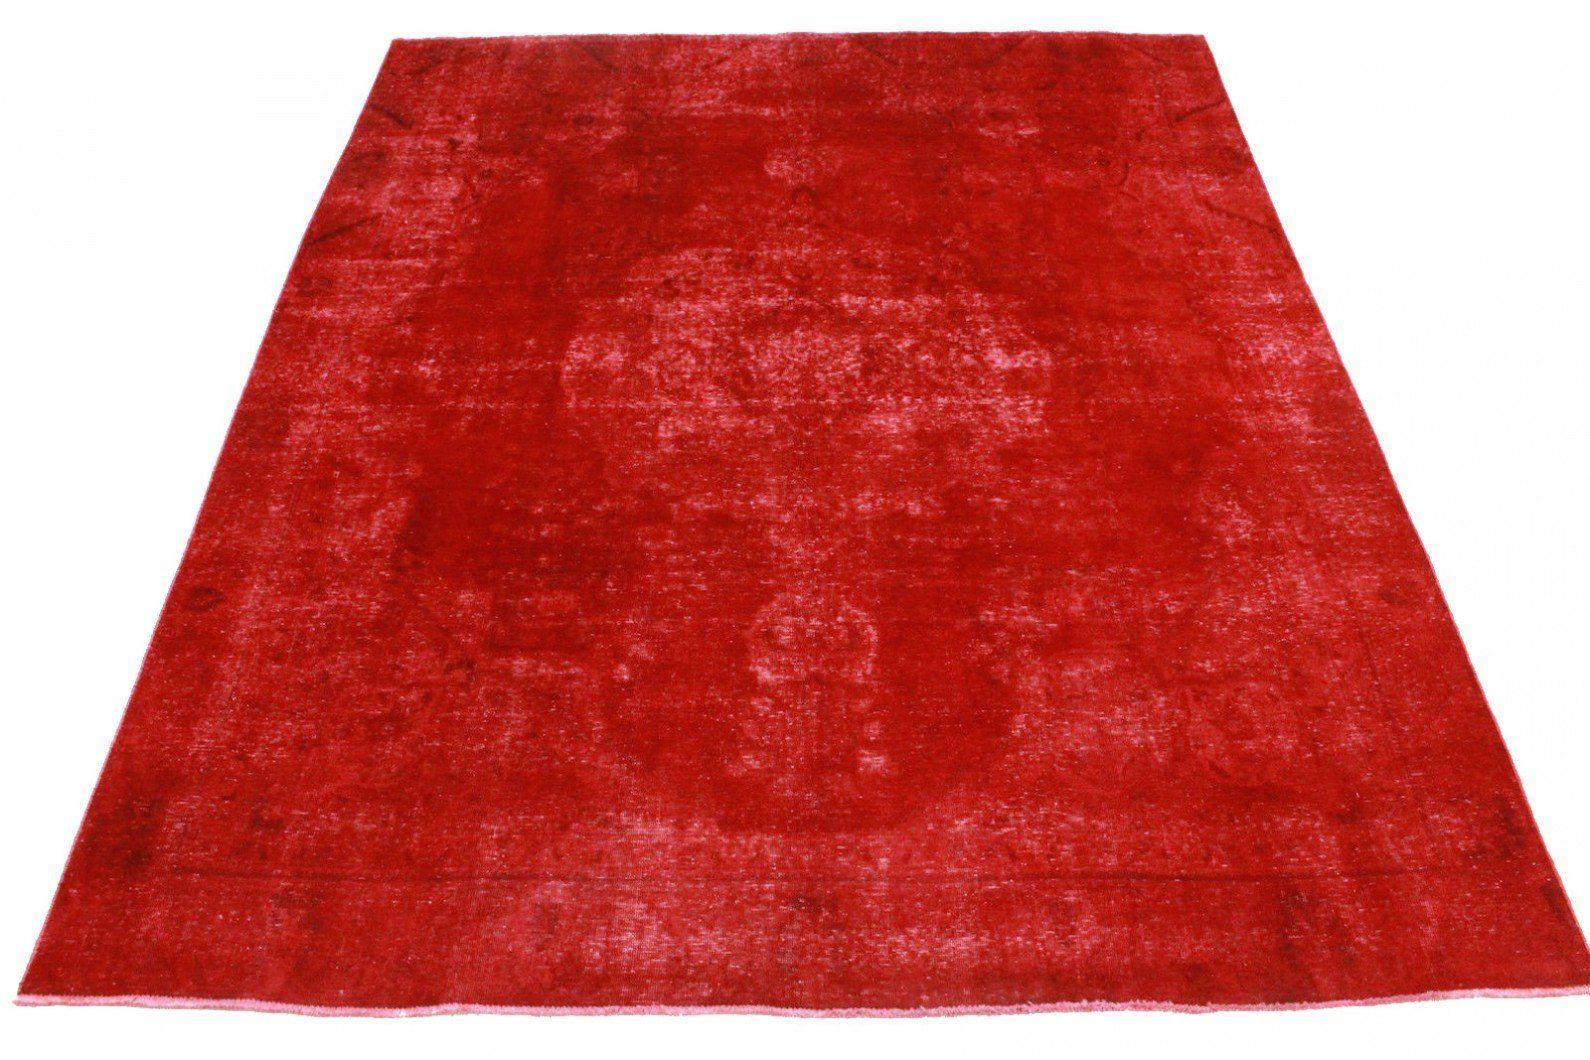 Vintage Teppich Rot In 360x290cm Vintage Teppiche Teppich Design Teppich